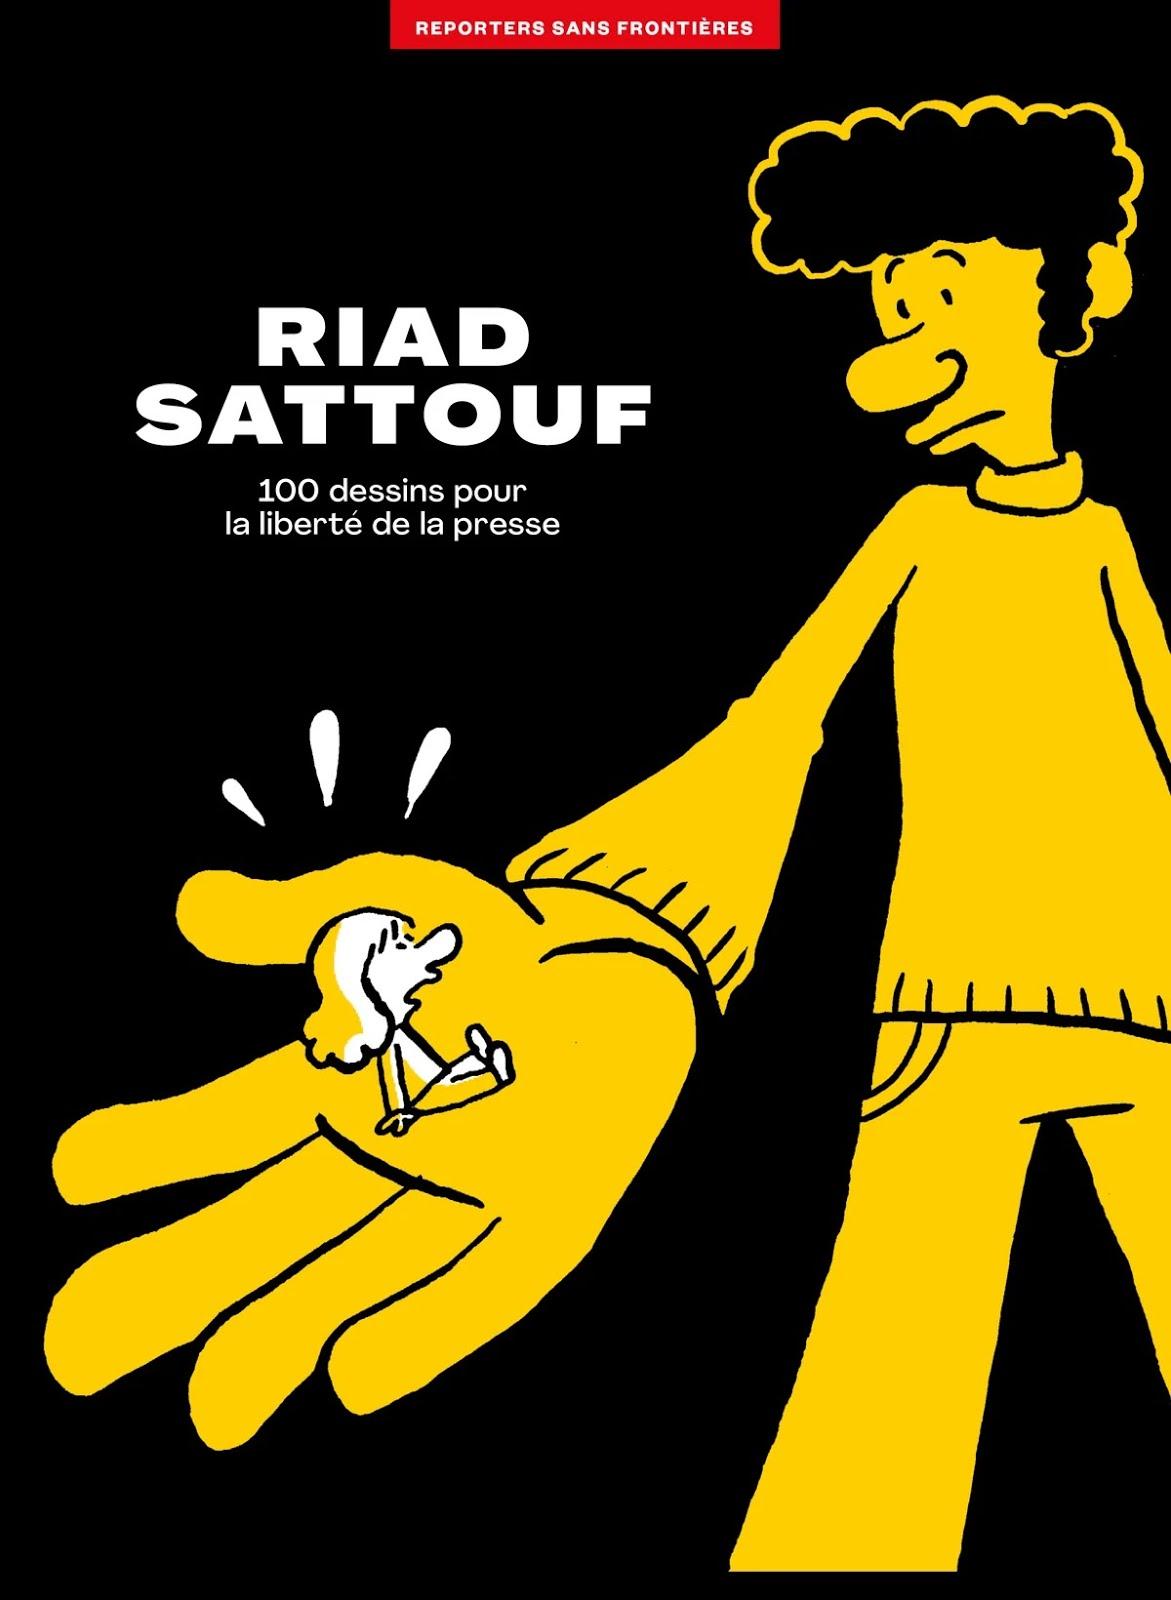 Riad Sattouf : 120 dessins pour la liberté de la presse